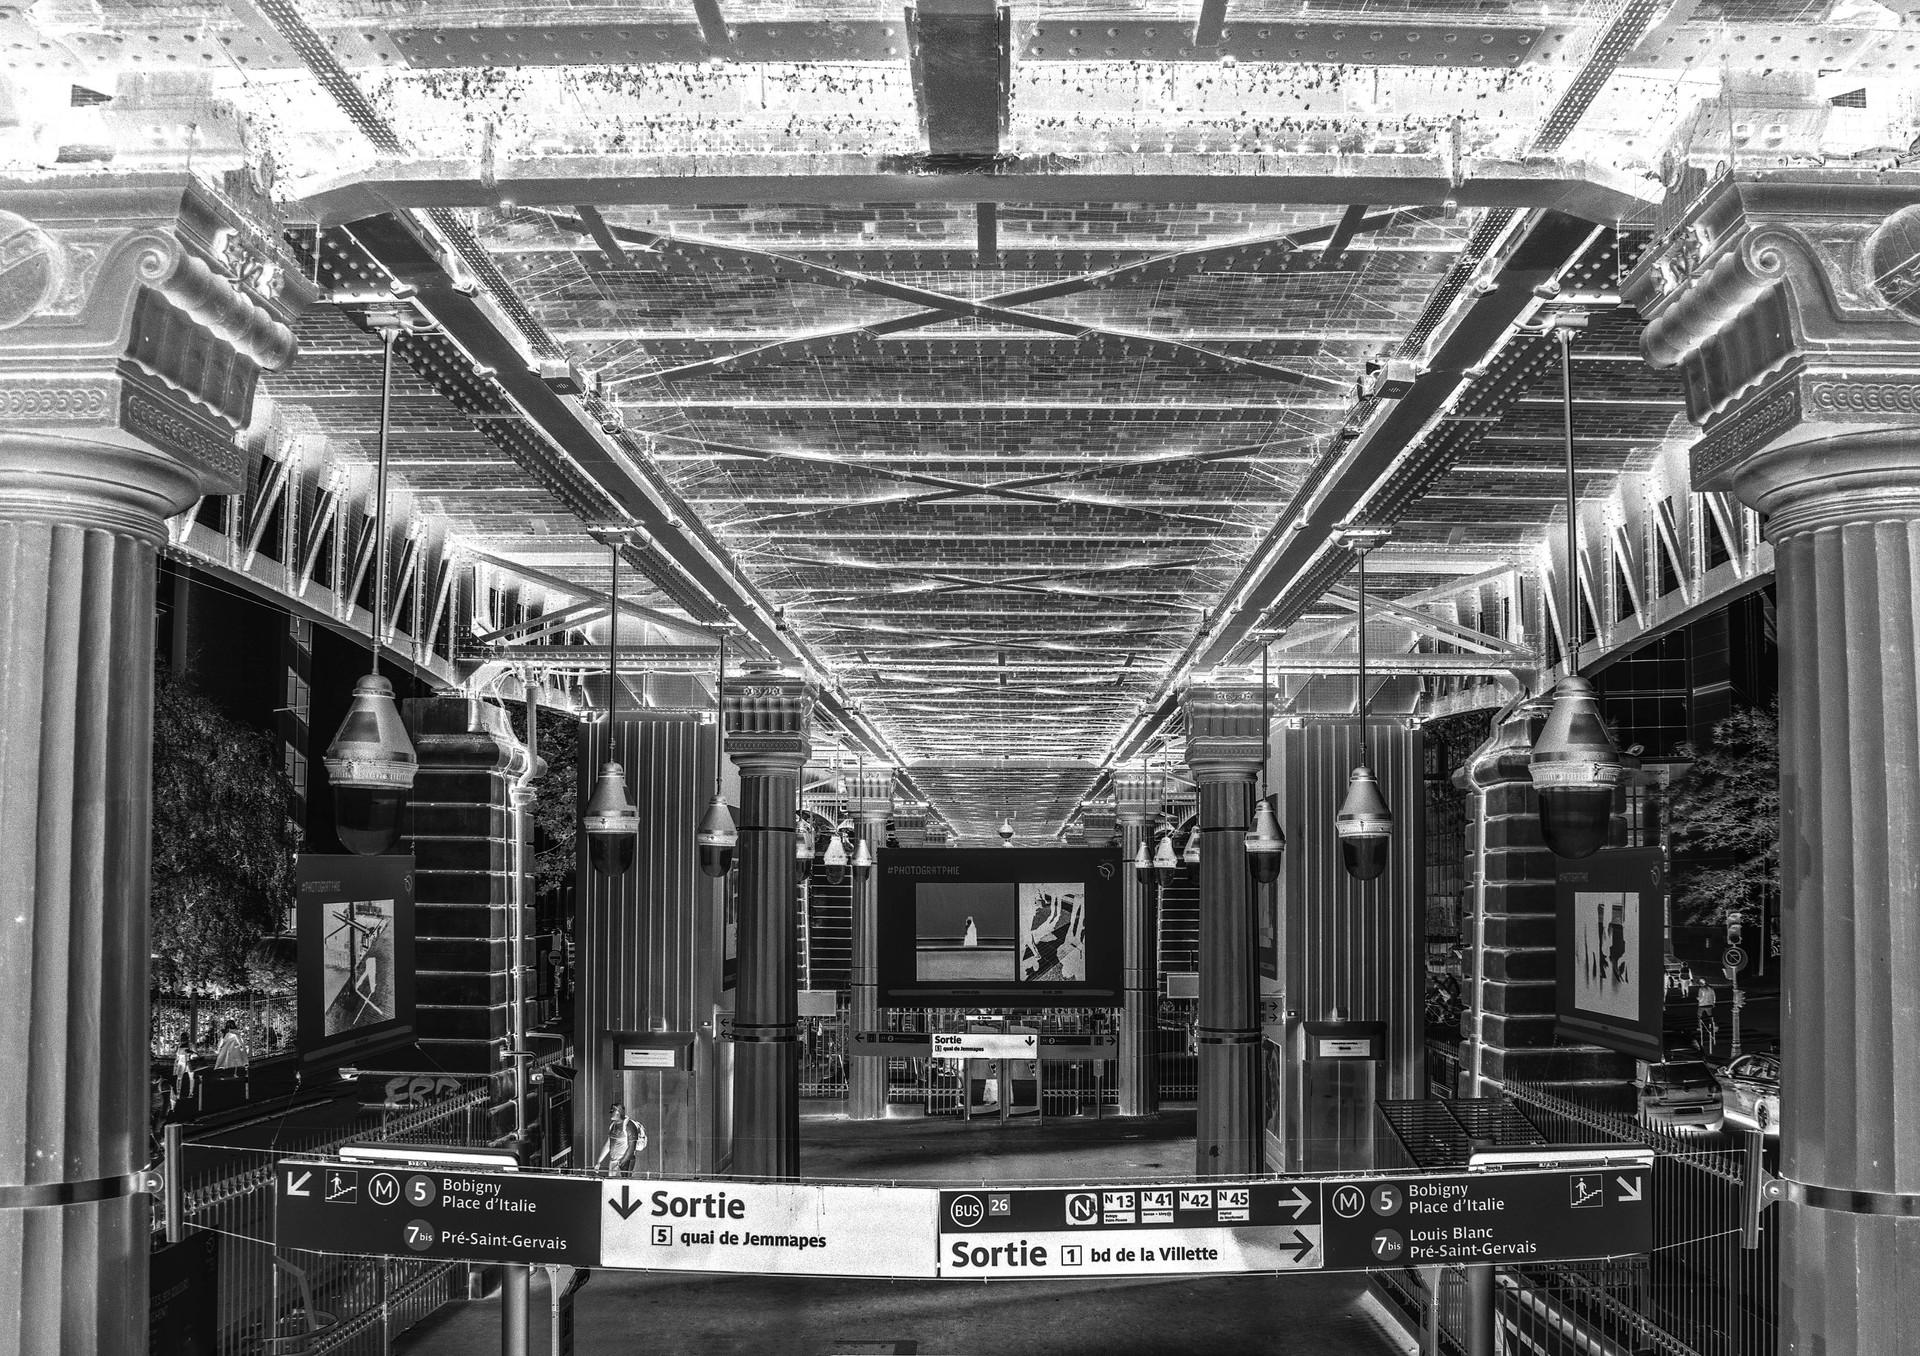 Paris - L'art du métro